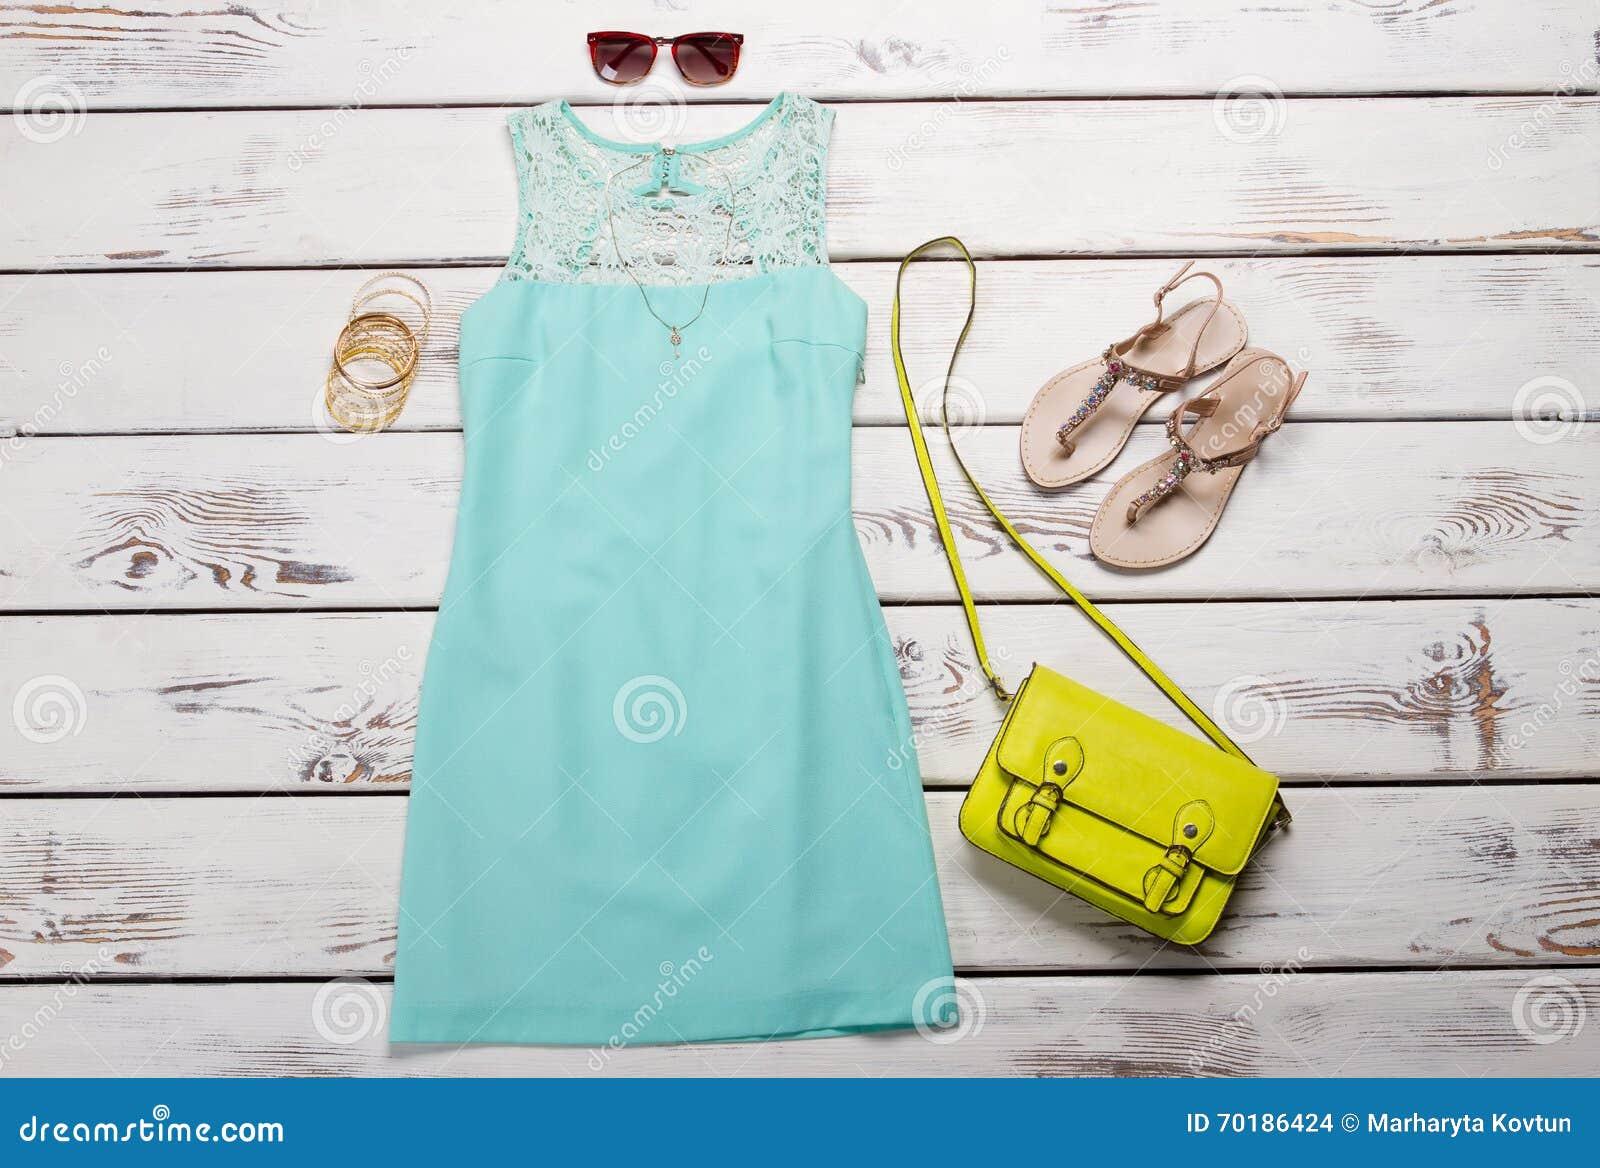 Turquoise Summer Dress. Stock Photo - Image: 70186424